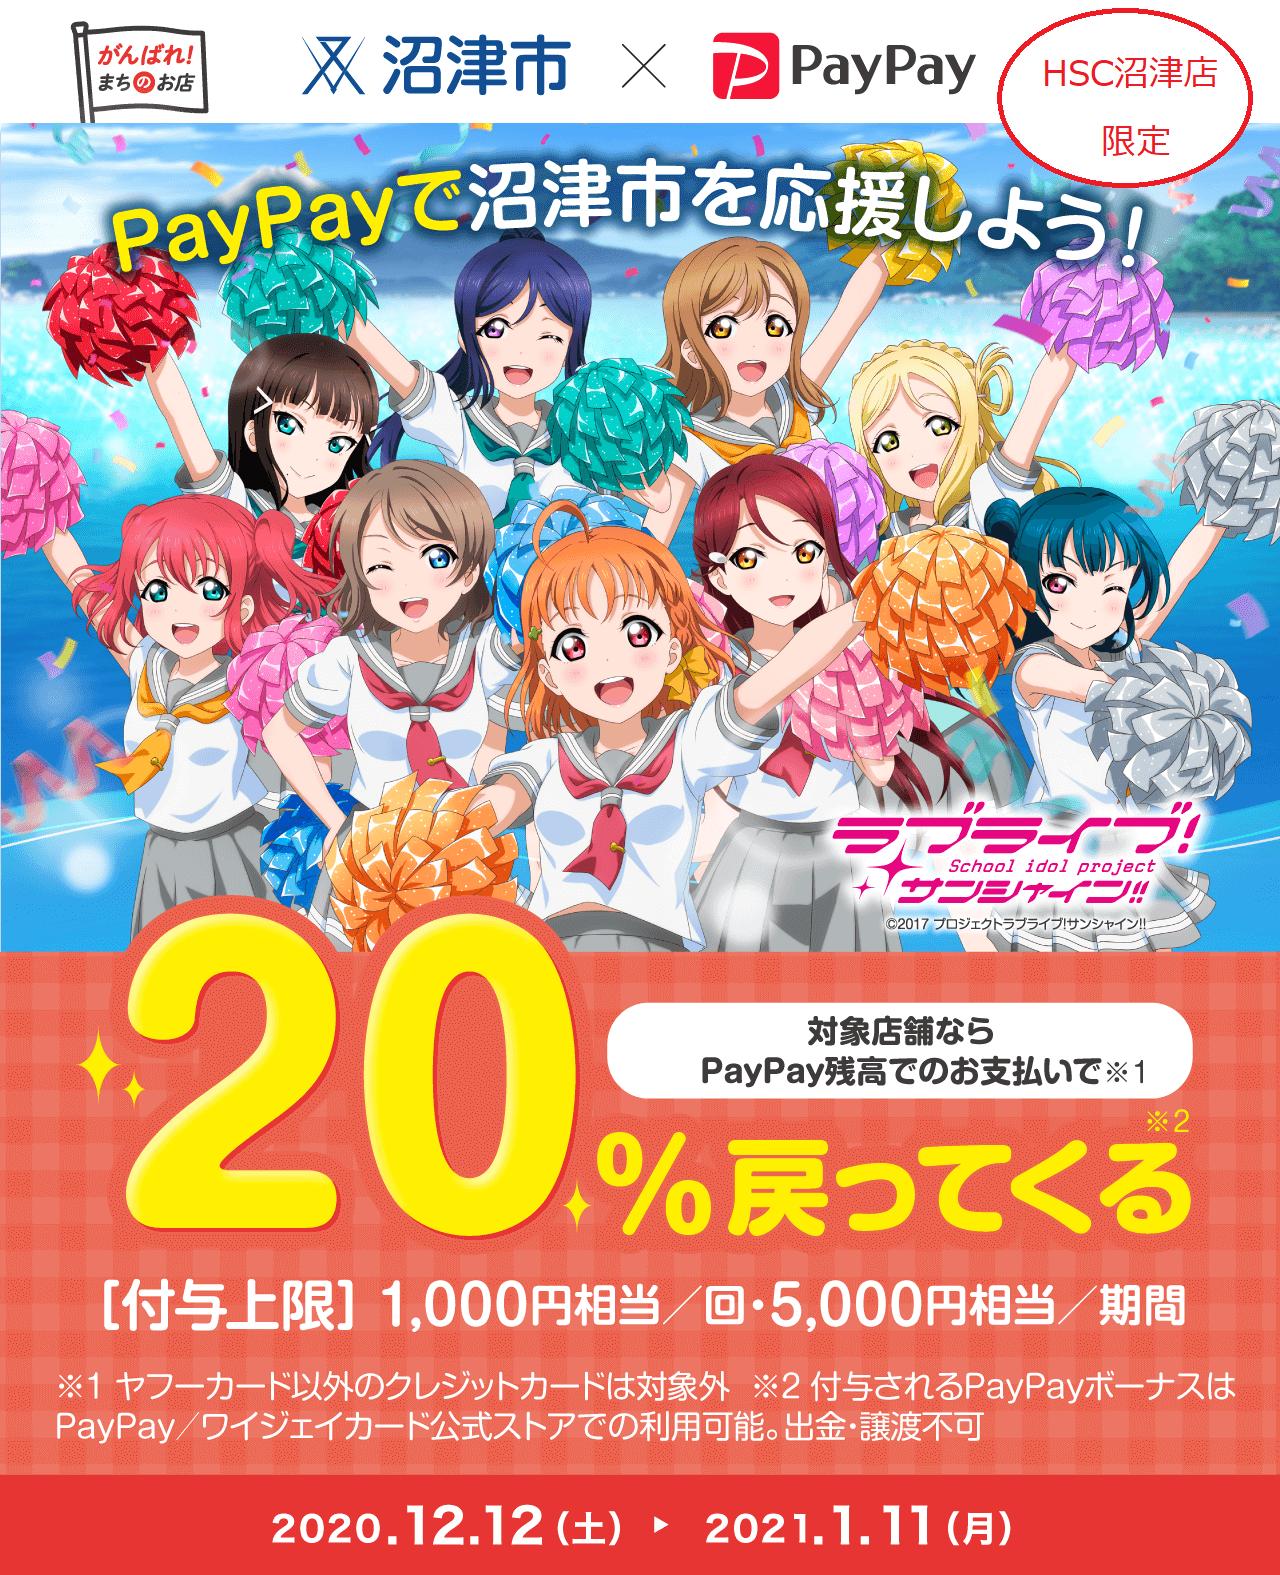 PayPay 最大20%戻ってくるキャンペーンスタート(HSC沼津店限定)